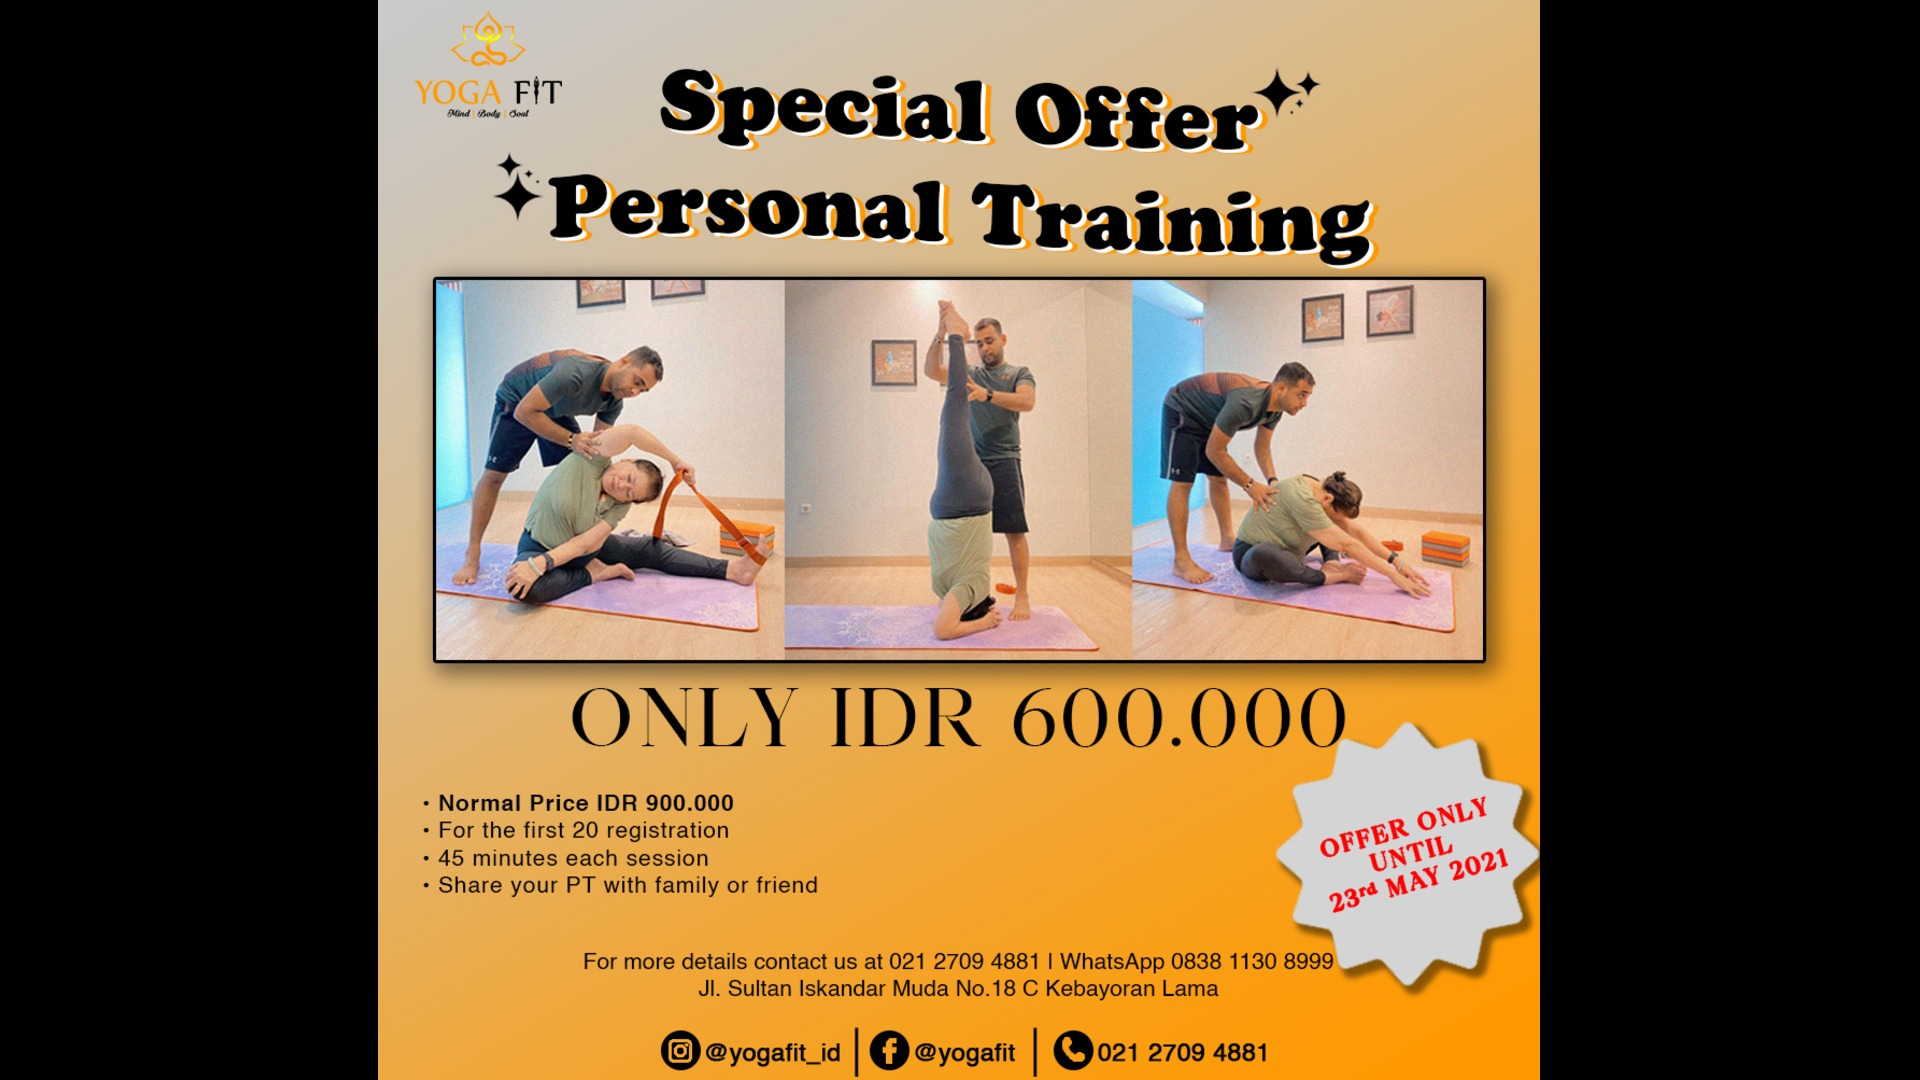 Personal Training Yoga